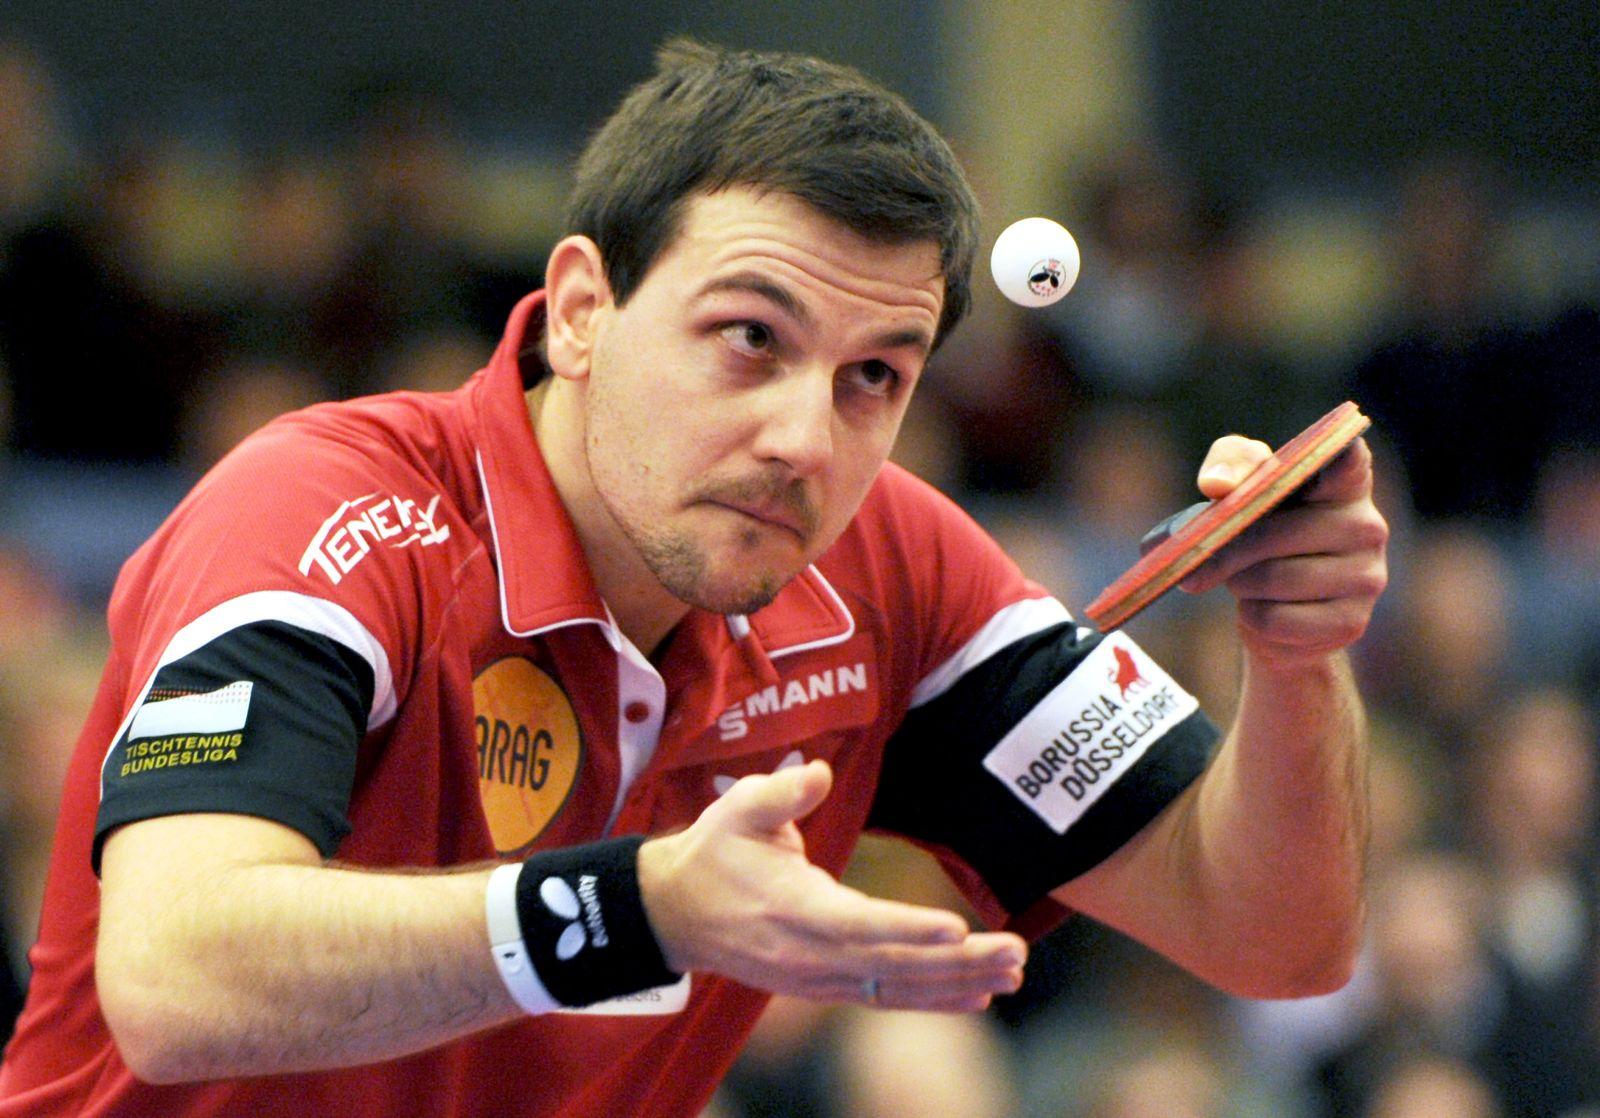 Timo Boll